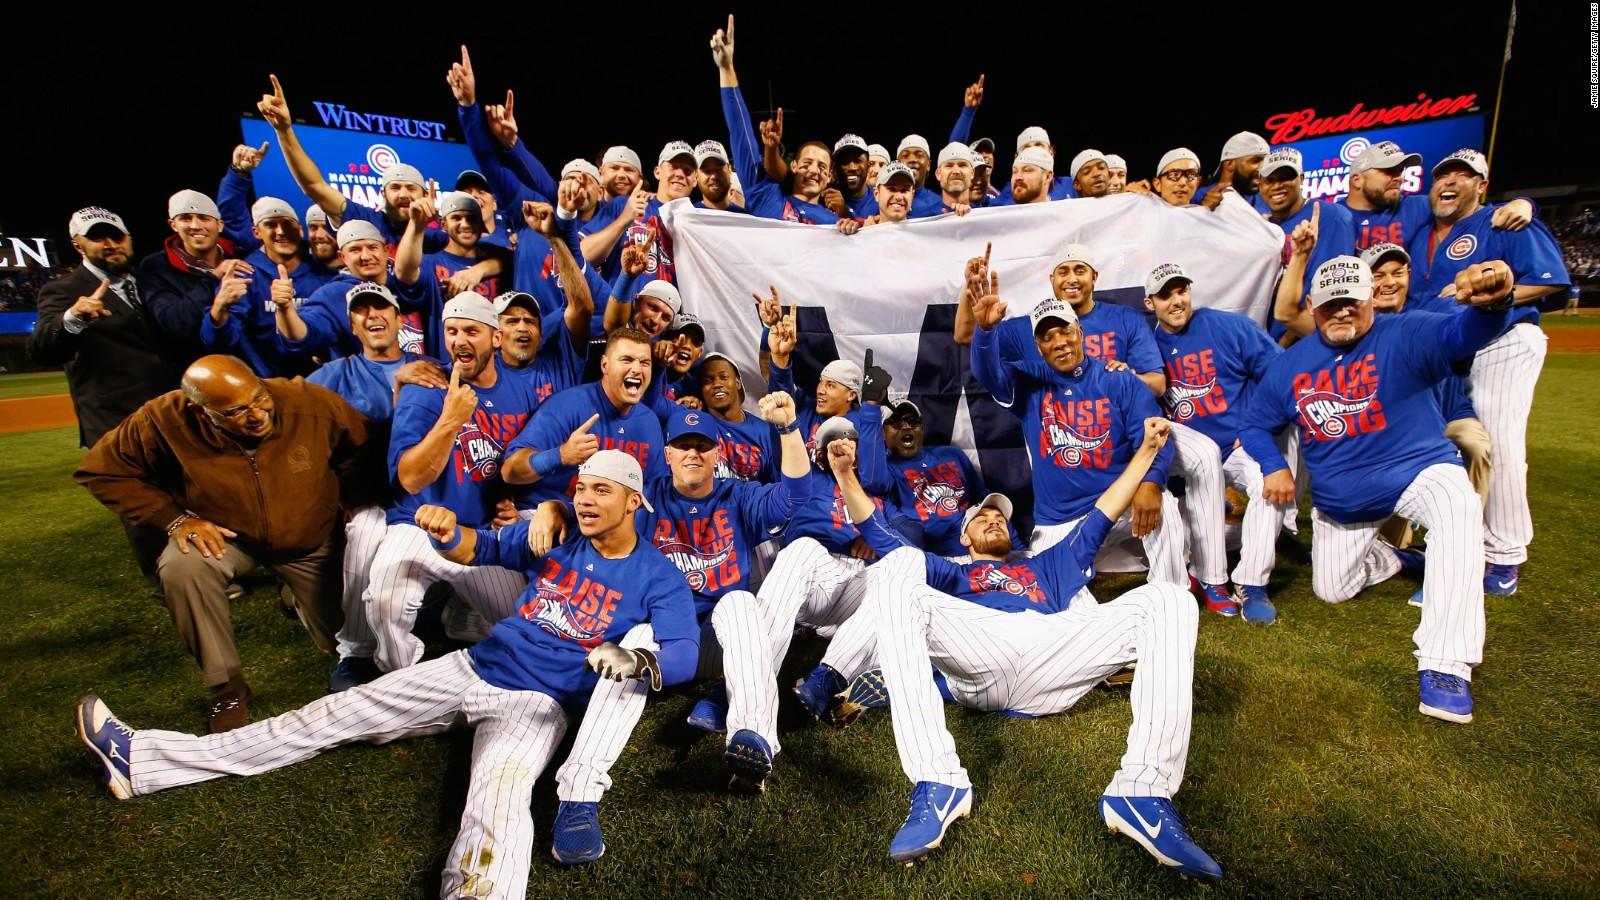 Sau 108 năm, cuối cùng thì Cubs đã giành được một chức vô địch thế giới khác